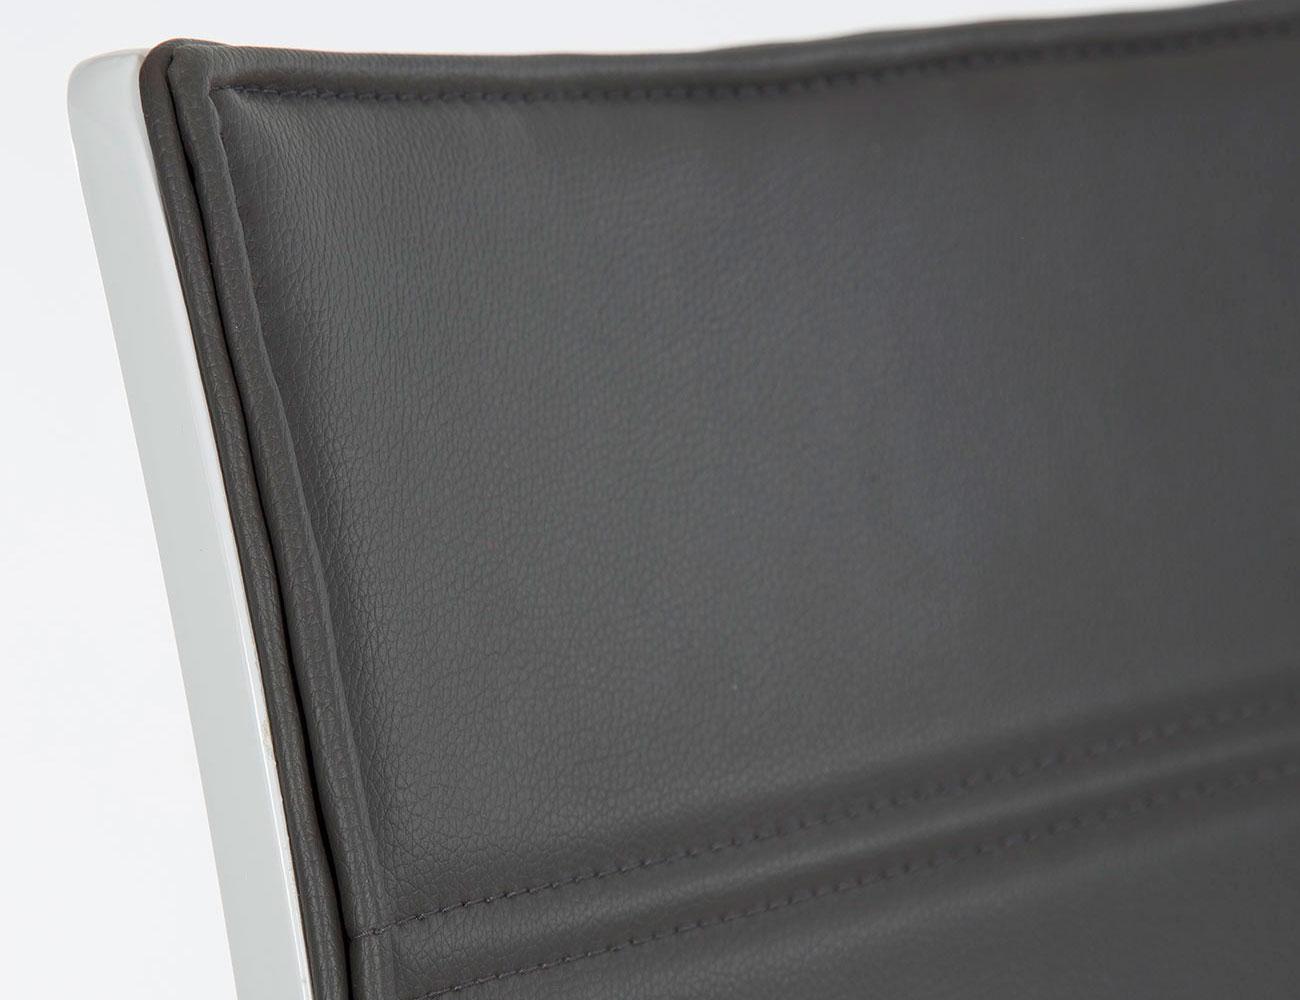 Silla polipiel rebote blanco brillo gris 21